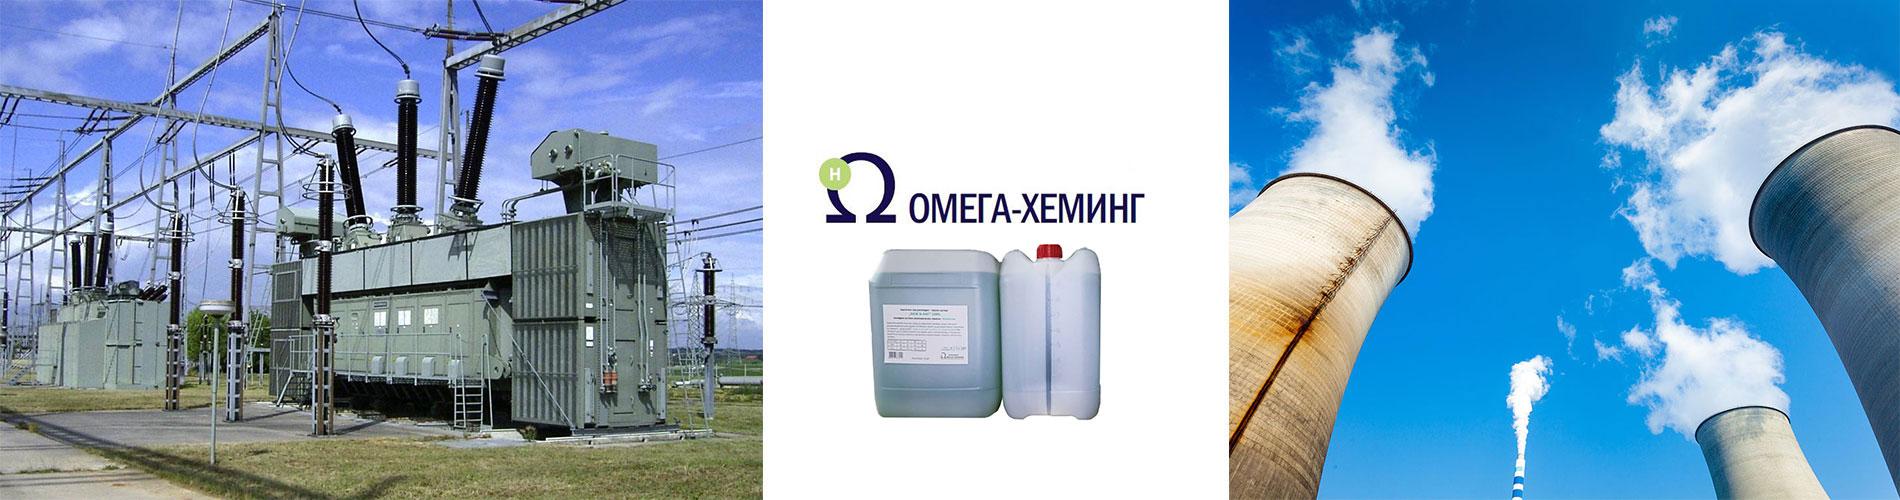 omega-heming-naslovna